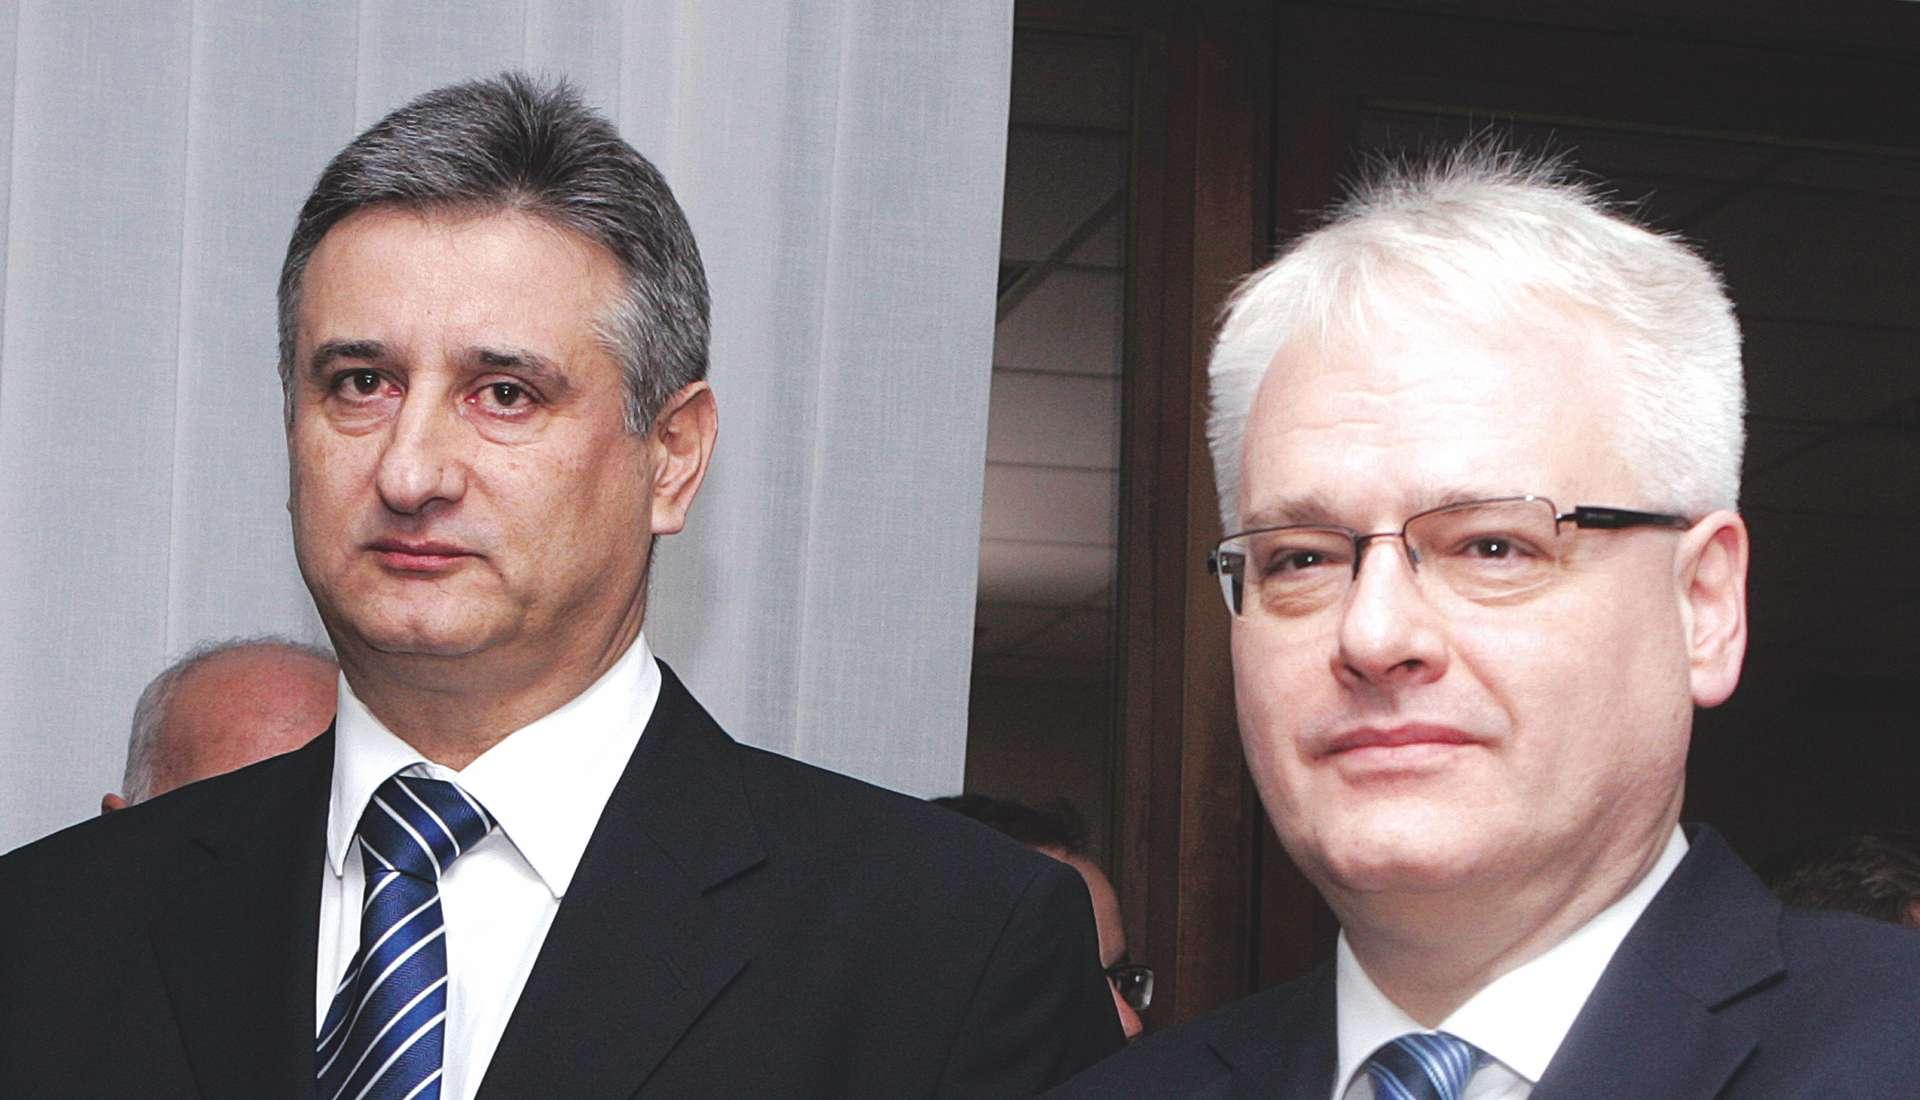 EKSKLUZIVNO Popis sudionika UDBE kojim Josipović brani šefa HDZ-a nije službeni dokument